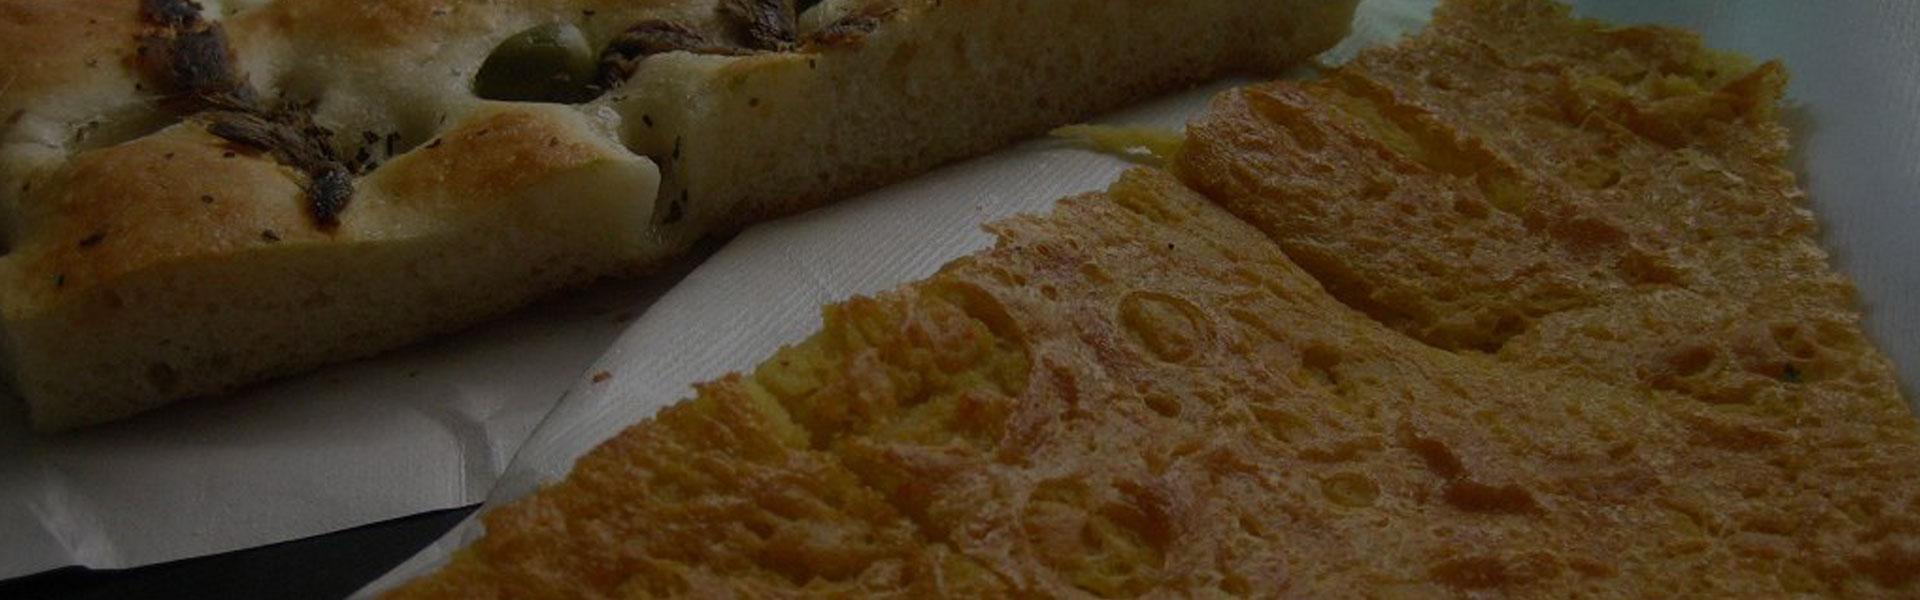 Farinata e focaccia tipo recco zenandcook - Corsi di cucina genova ...